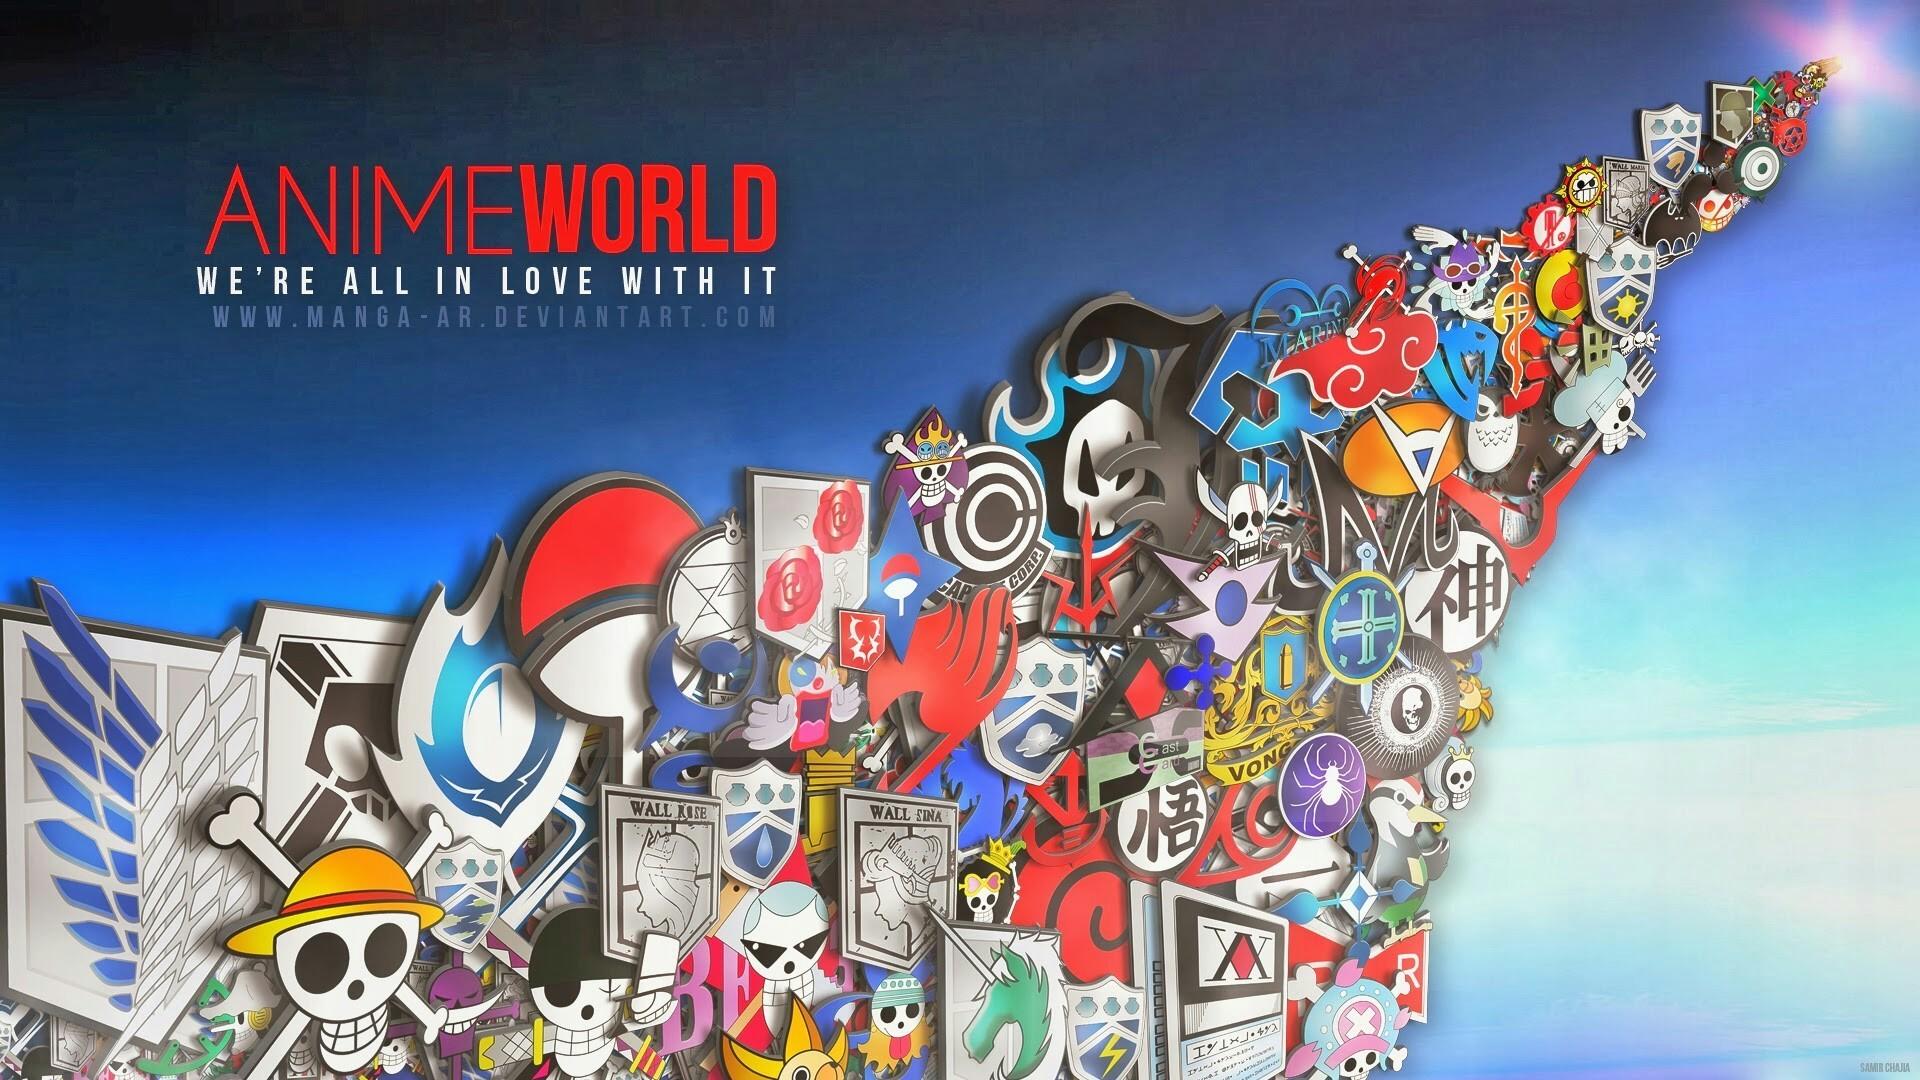 1920x1080, [quads Id 1]   Data Id 293379   Data Src - Anime World Wallpaper 4k - HD Wallpaper